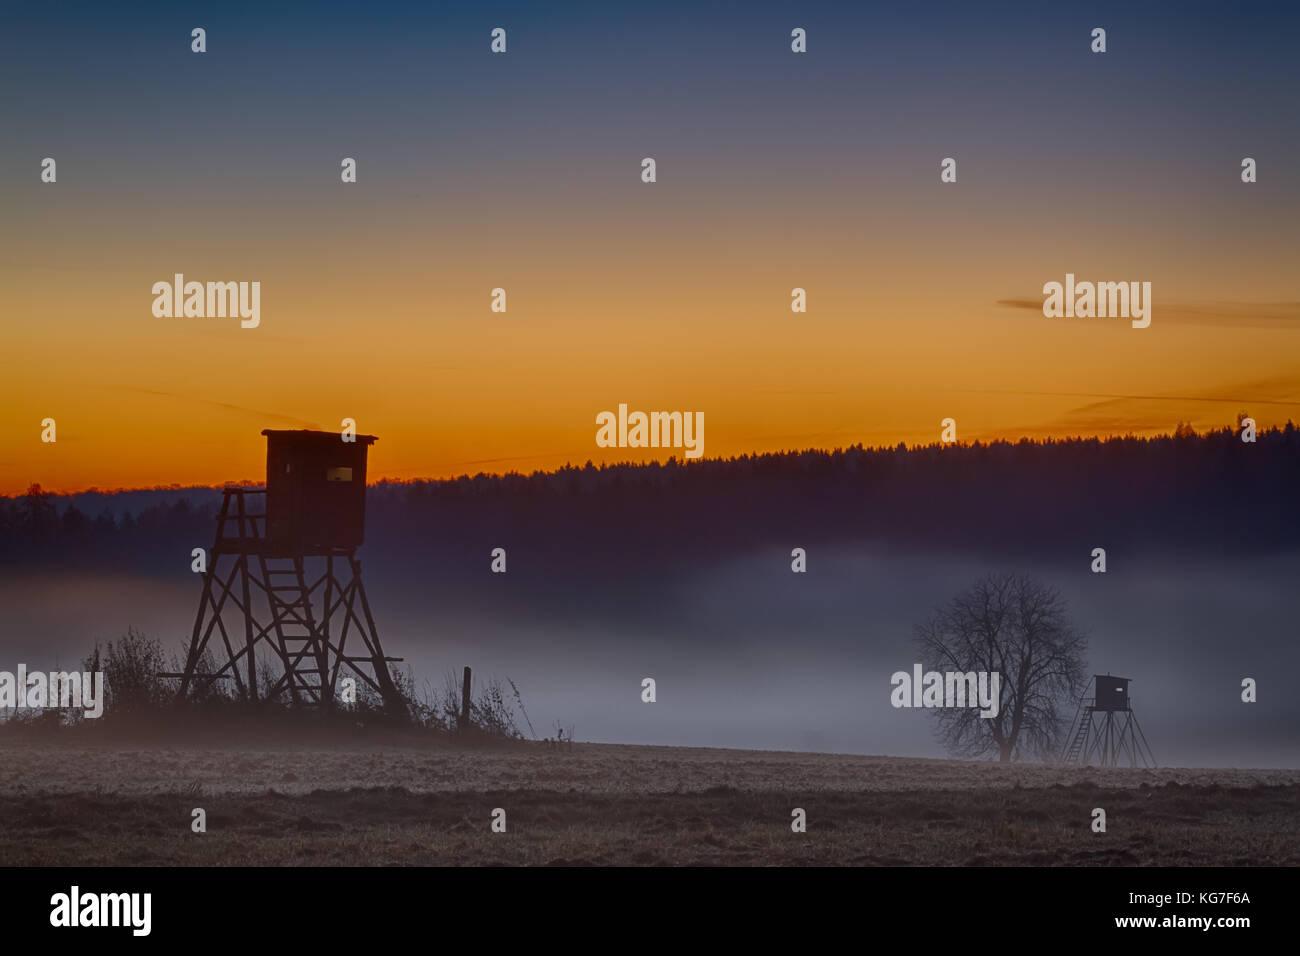 Abendstimmung Sonnenuntergang im Harz - Stock Image